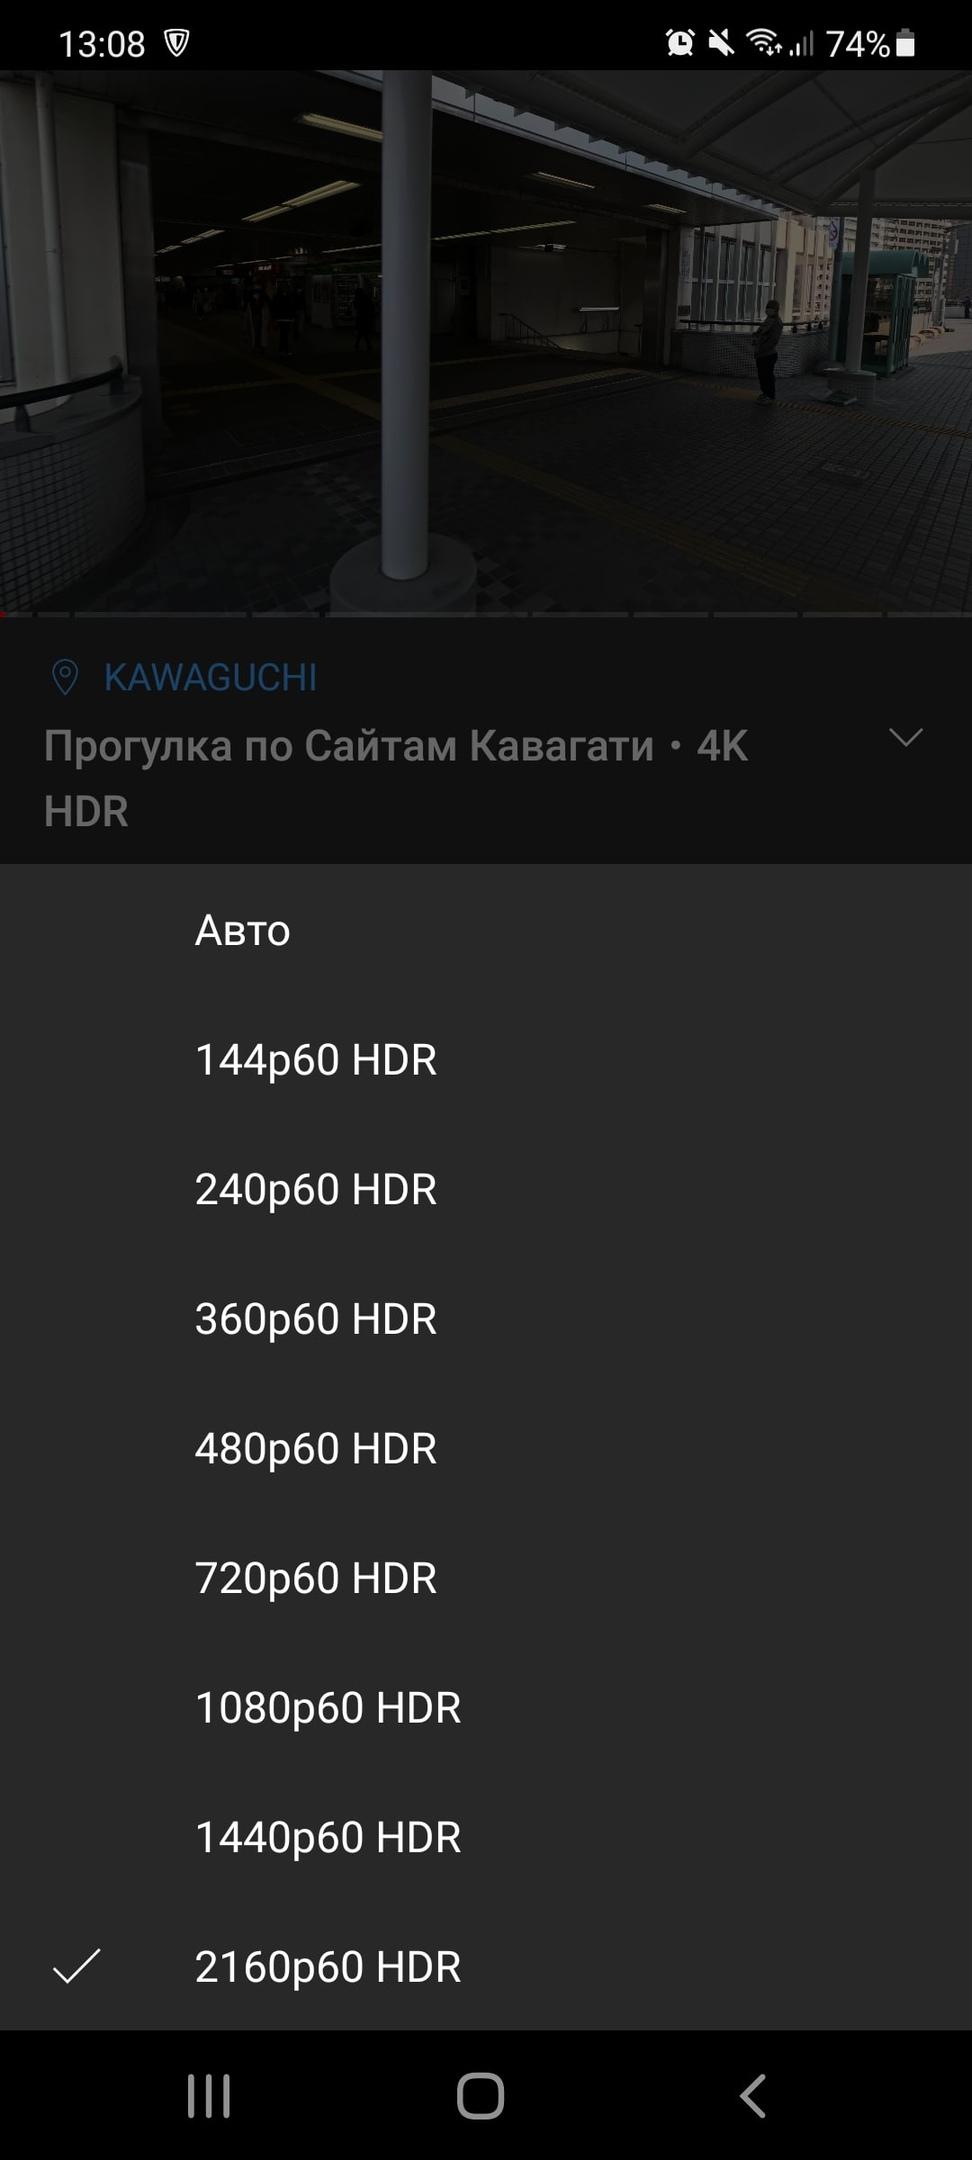 Приложение YouTube теперь позволяет смотреть 4K-видео на телефонах без 4K-экранов